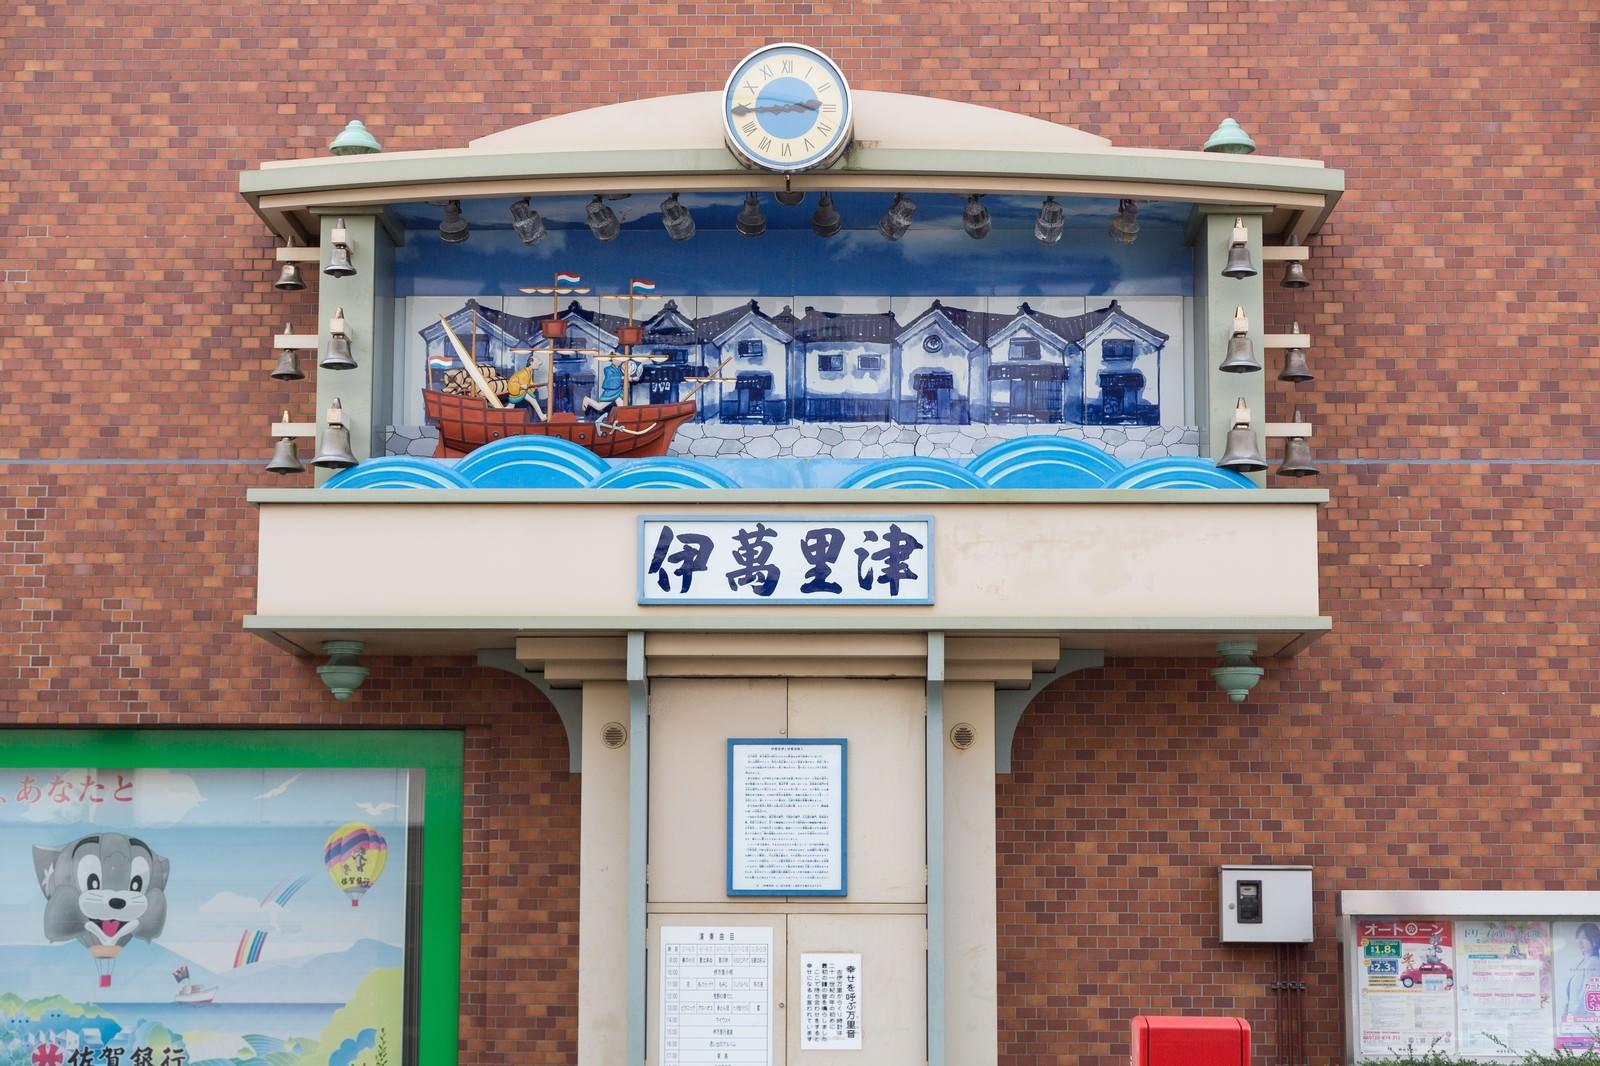 「佐賀県伊万里市の観光名所「古伊万里からくり時計」佐賀県伊万里市の観光名所「古伊万里からくり時計」」のフリー写真素材を拡大